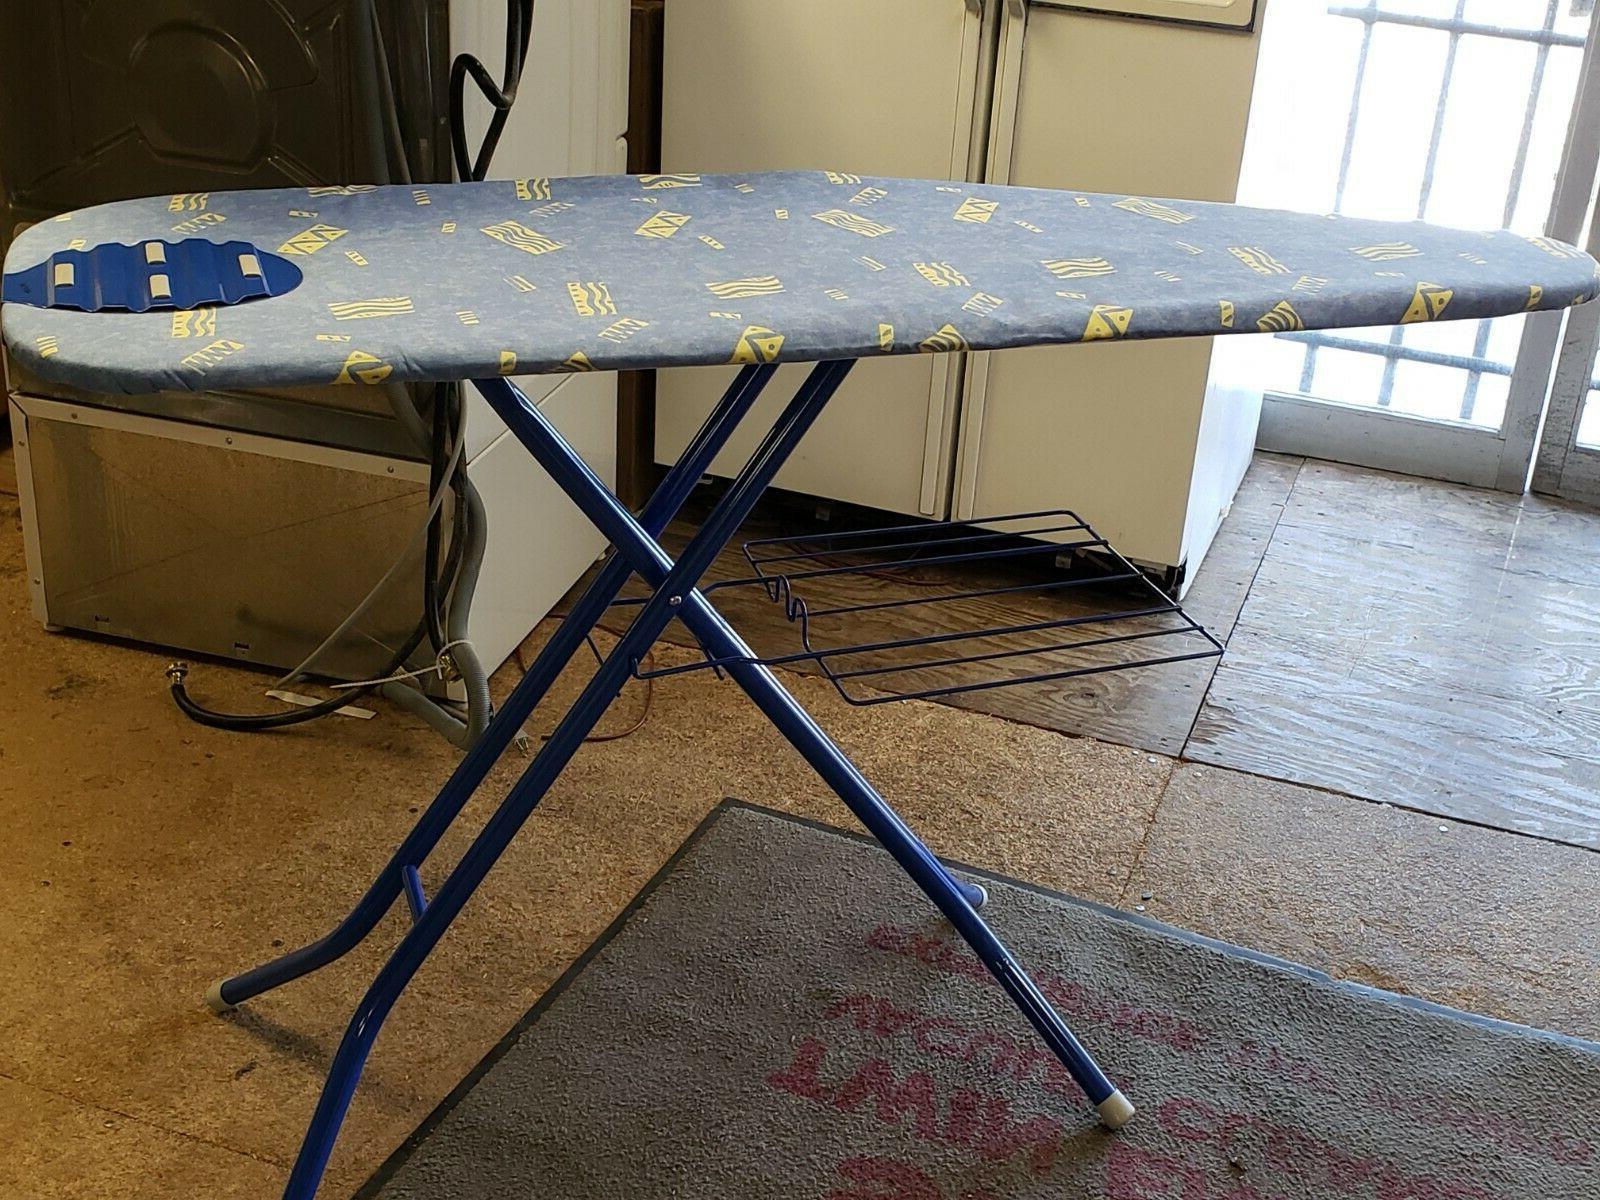 euro pro 51 adjustable ironing board